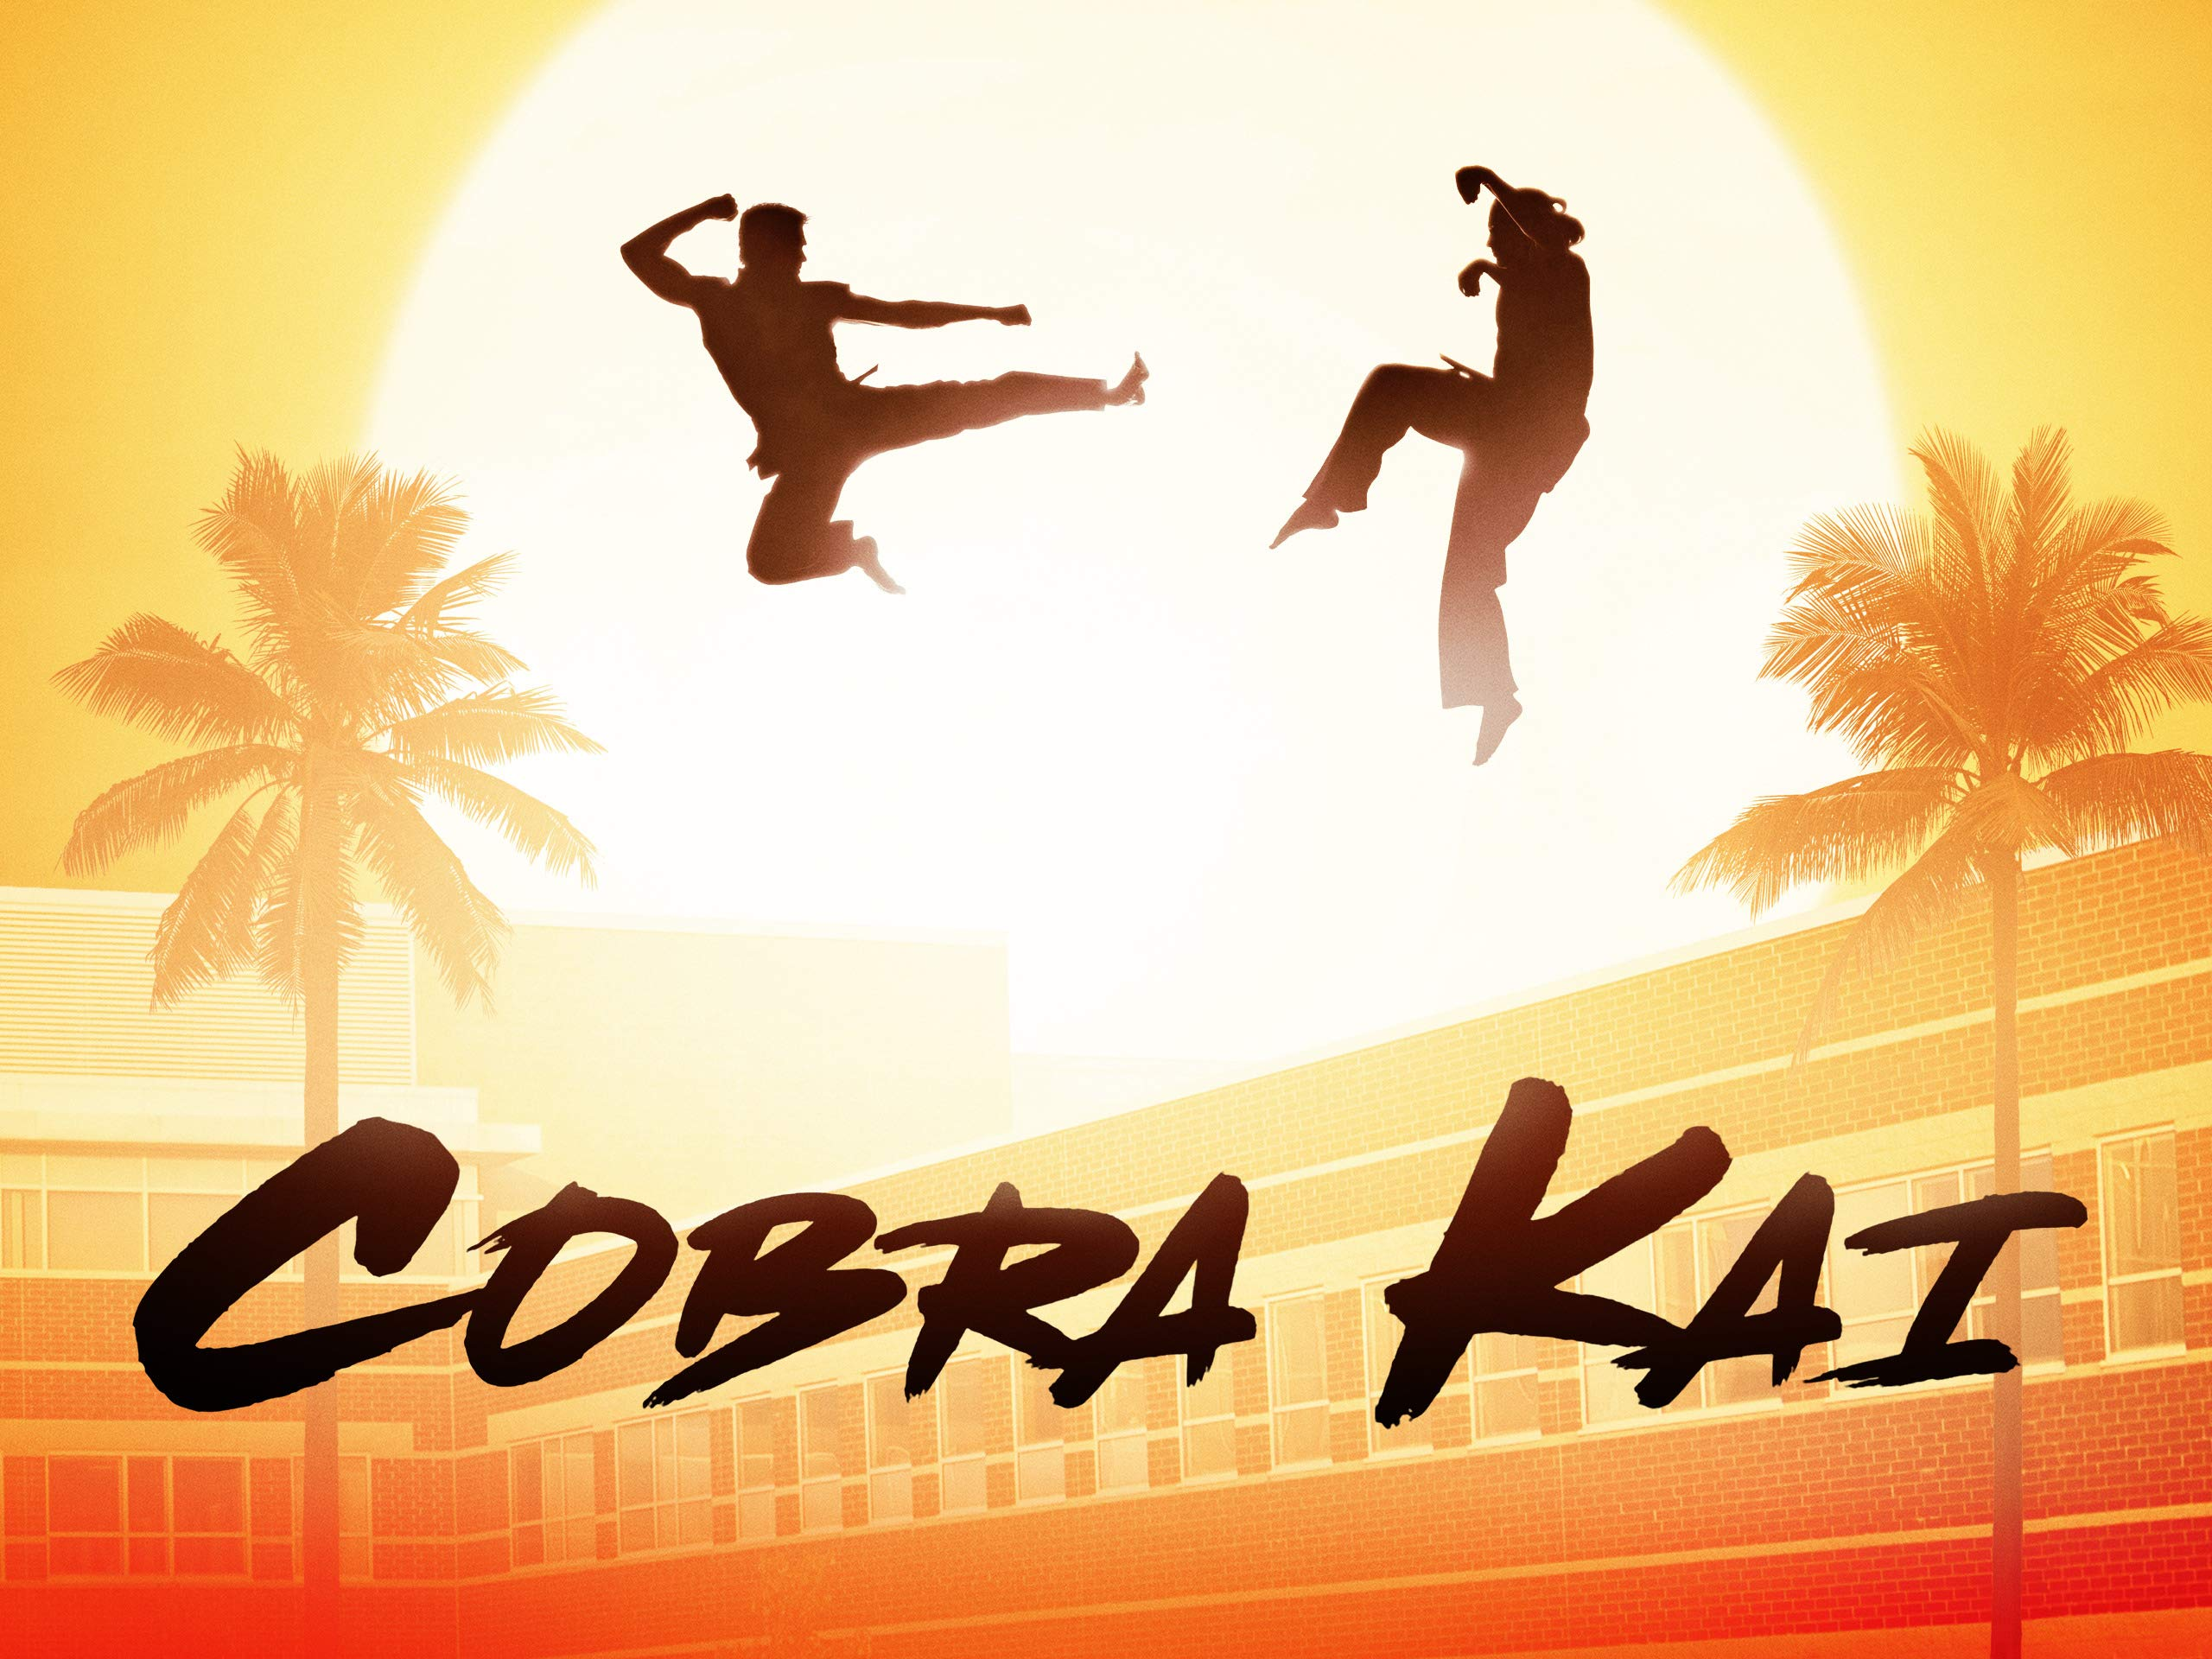 Stuff – Cobra Kai